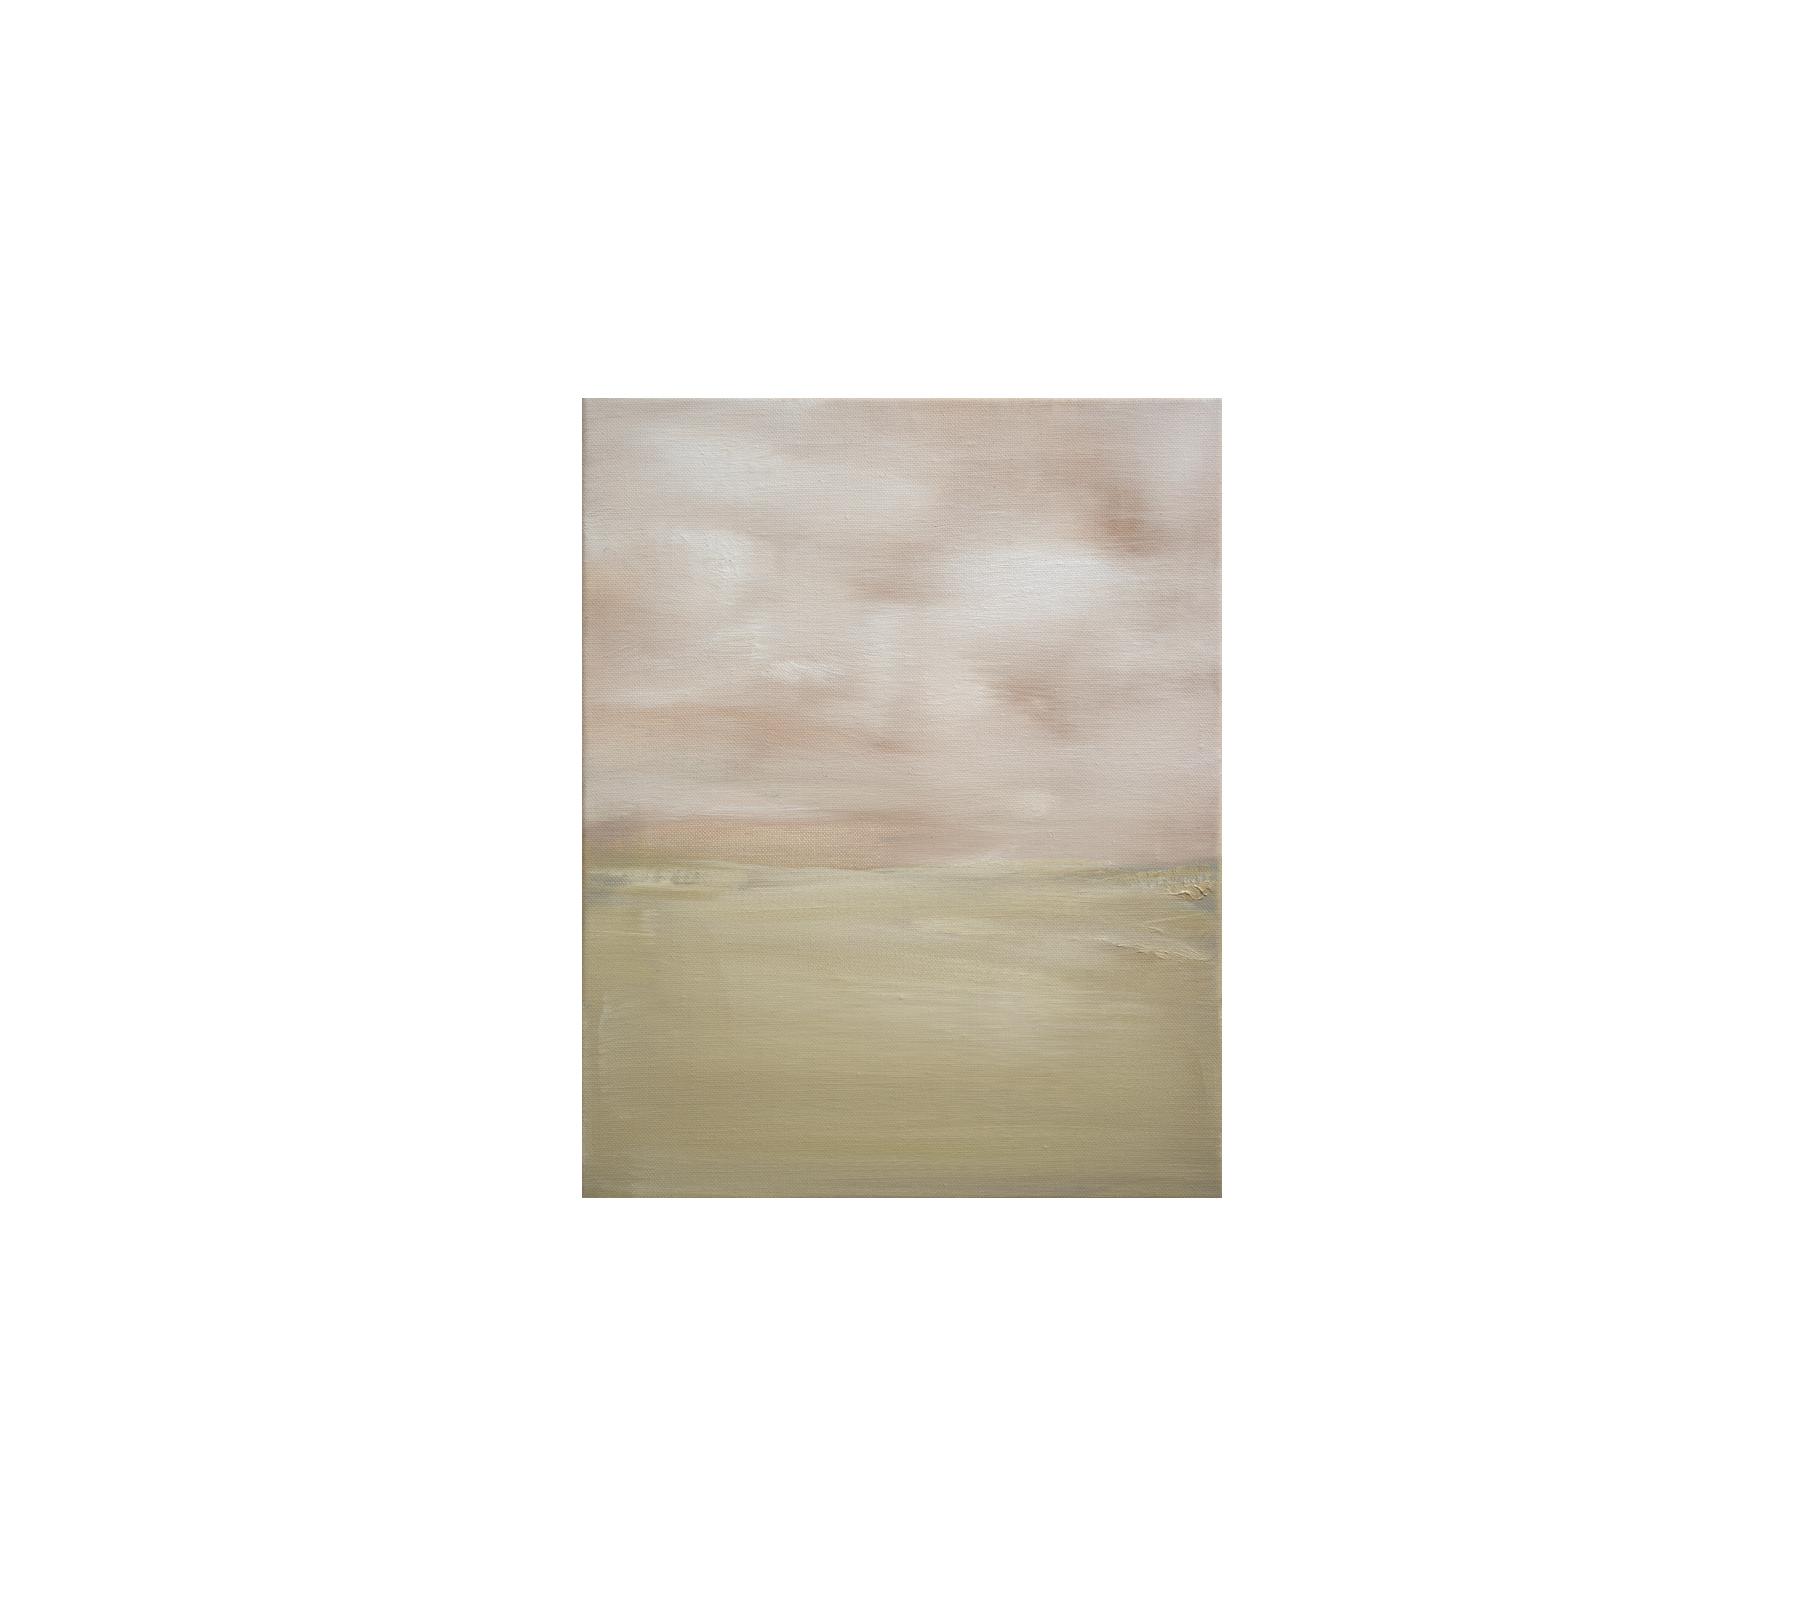 Untitled Landscape 2019 50x40cm